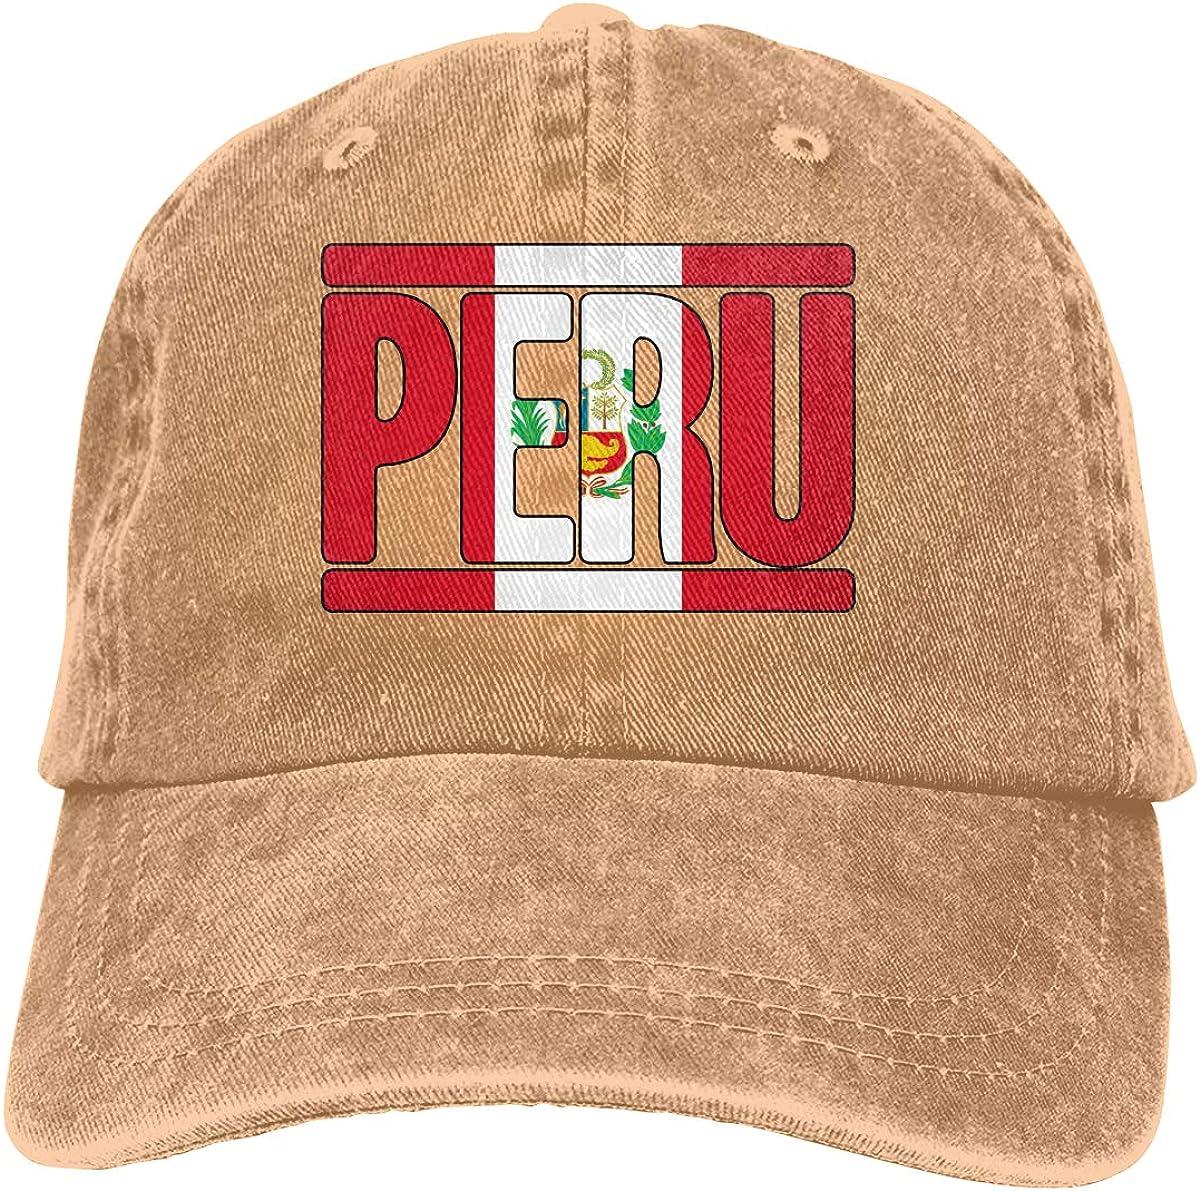 Peruvian Peru Flag Text Mens Womens Adjustable Denim Fabric Baseball Cap Hip-hop Cap